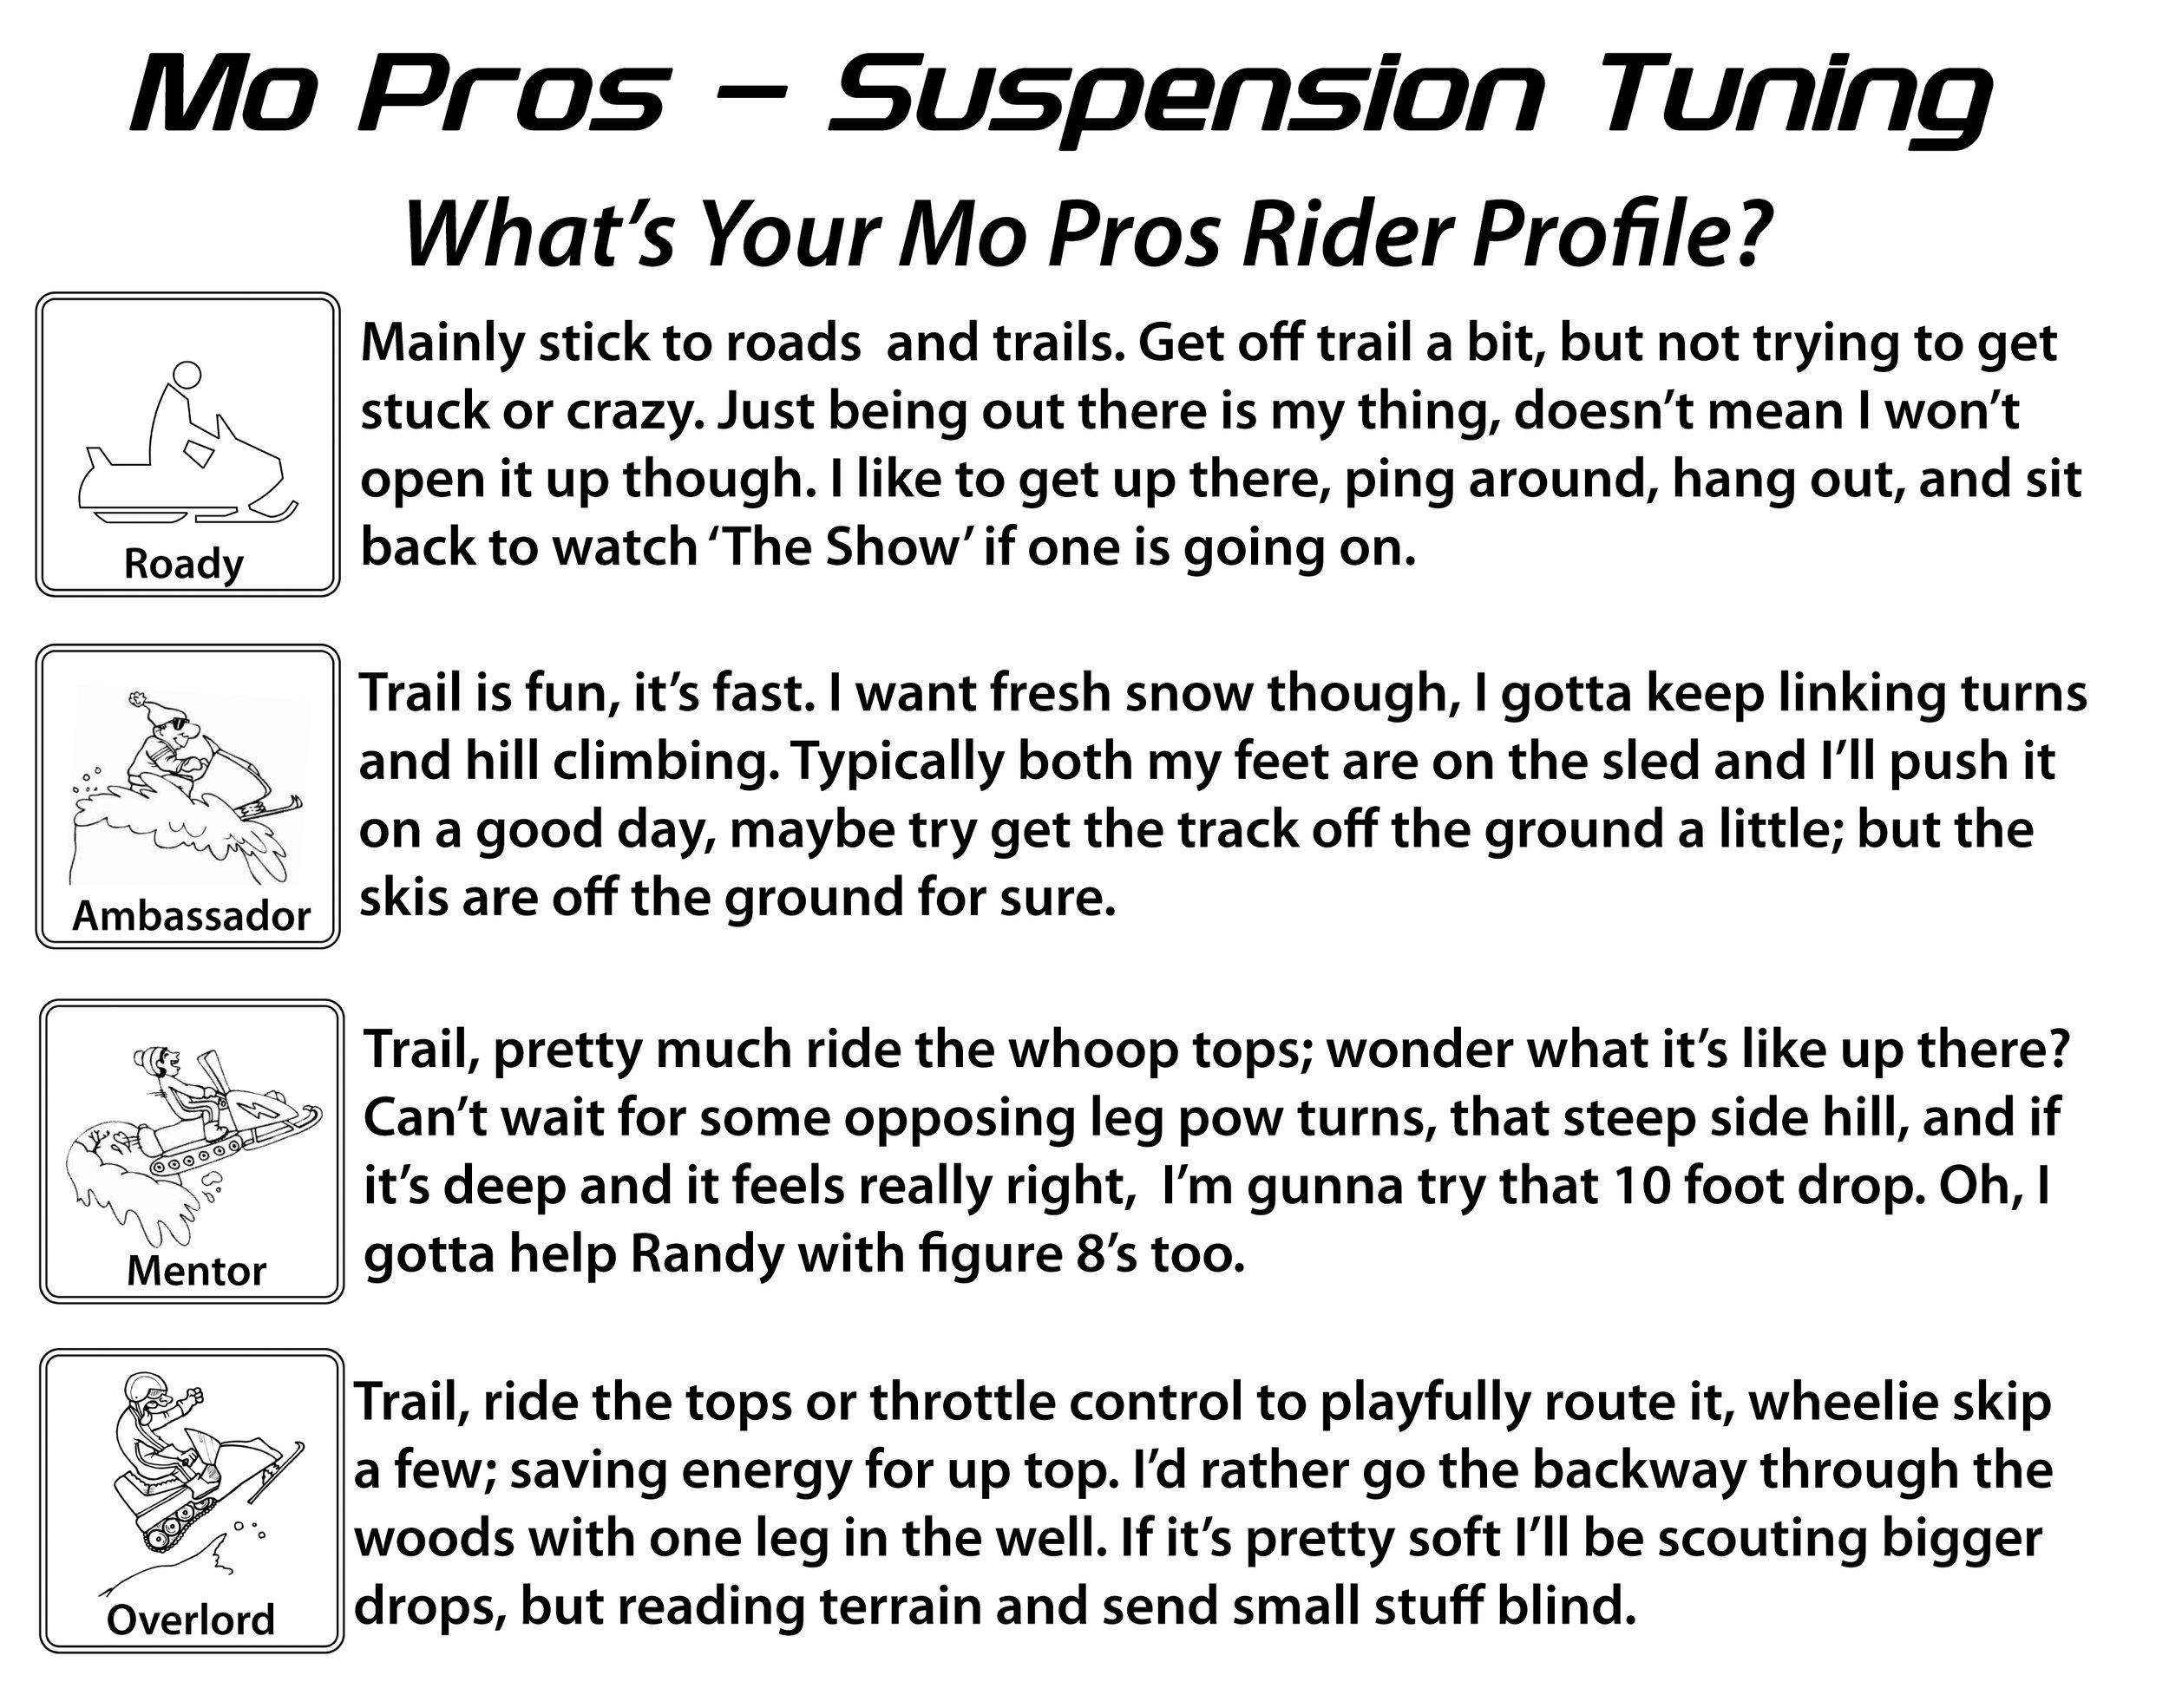 Copy of Suspension Tuning Rider Profiles